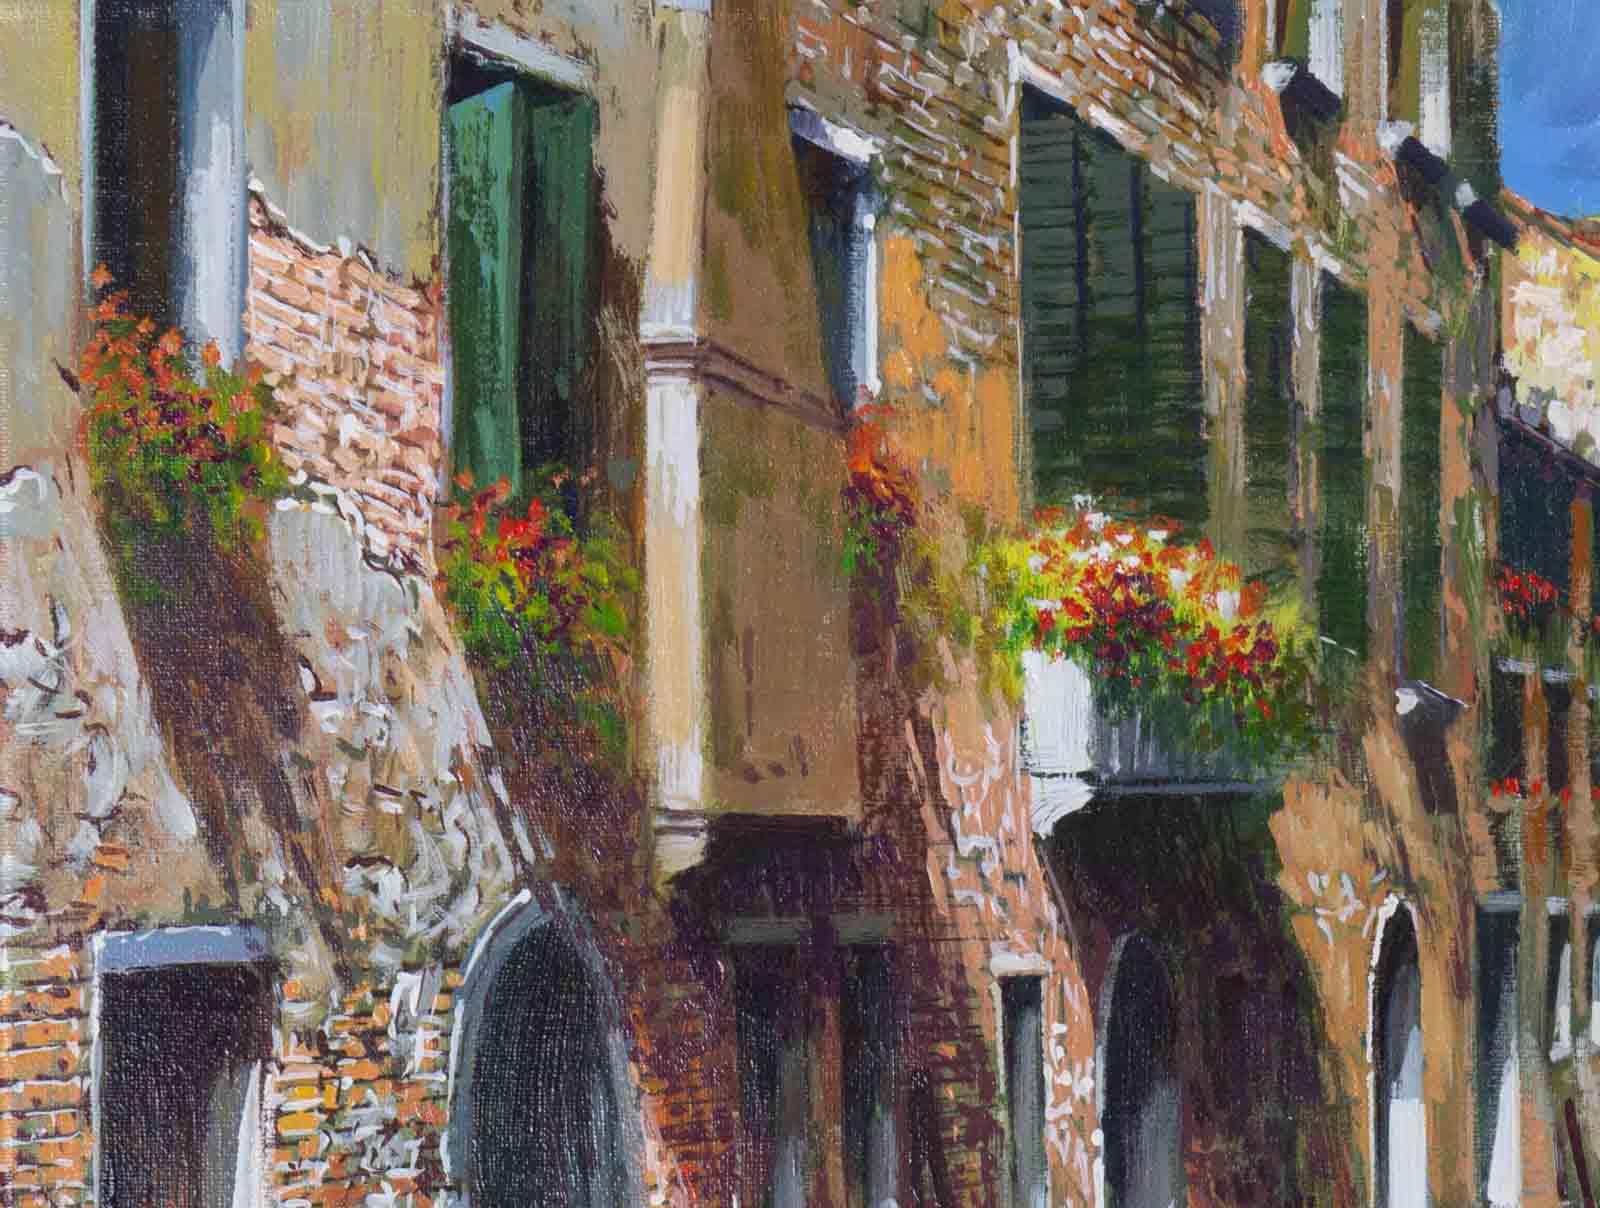 Ripples in Venice